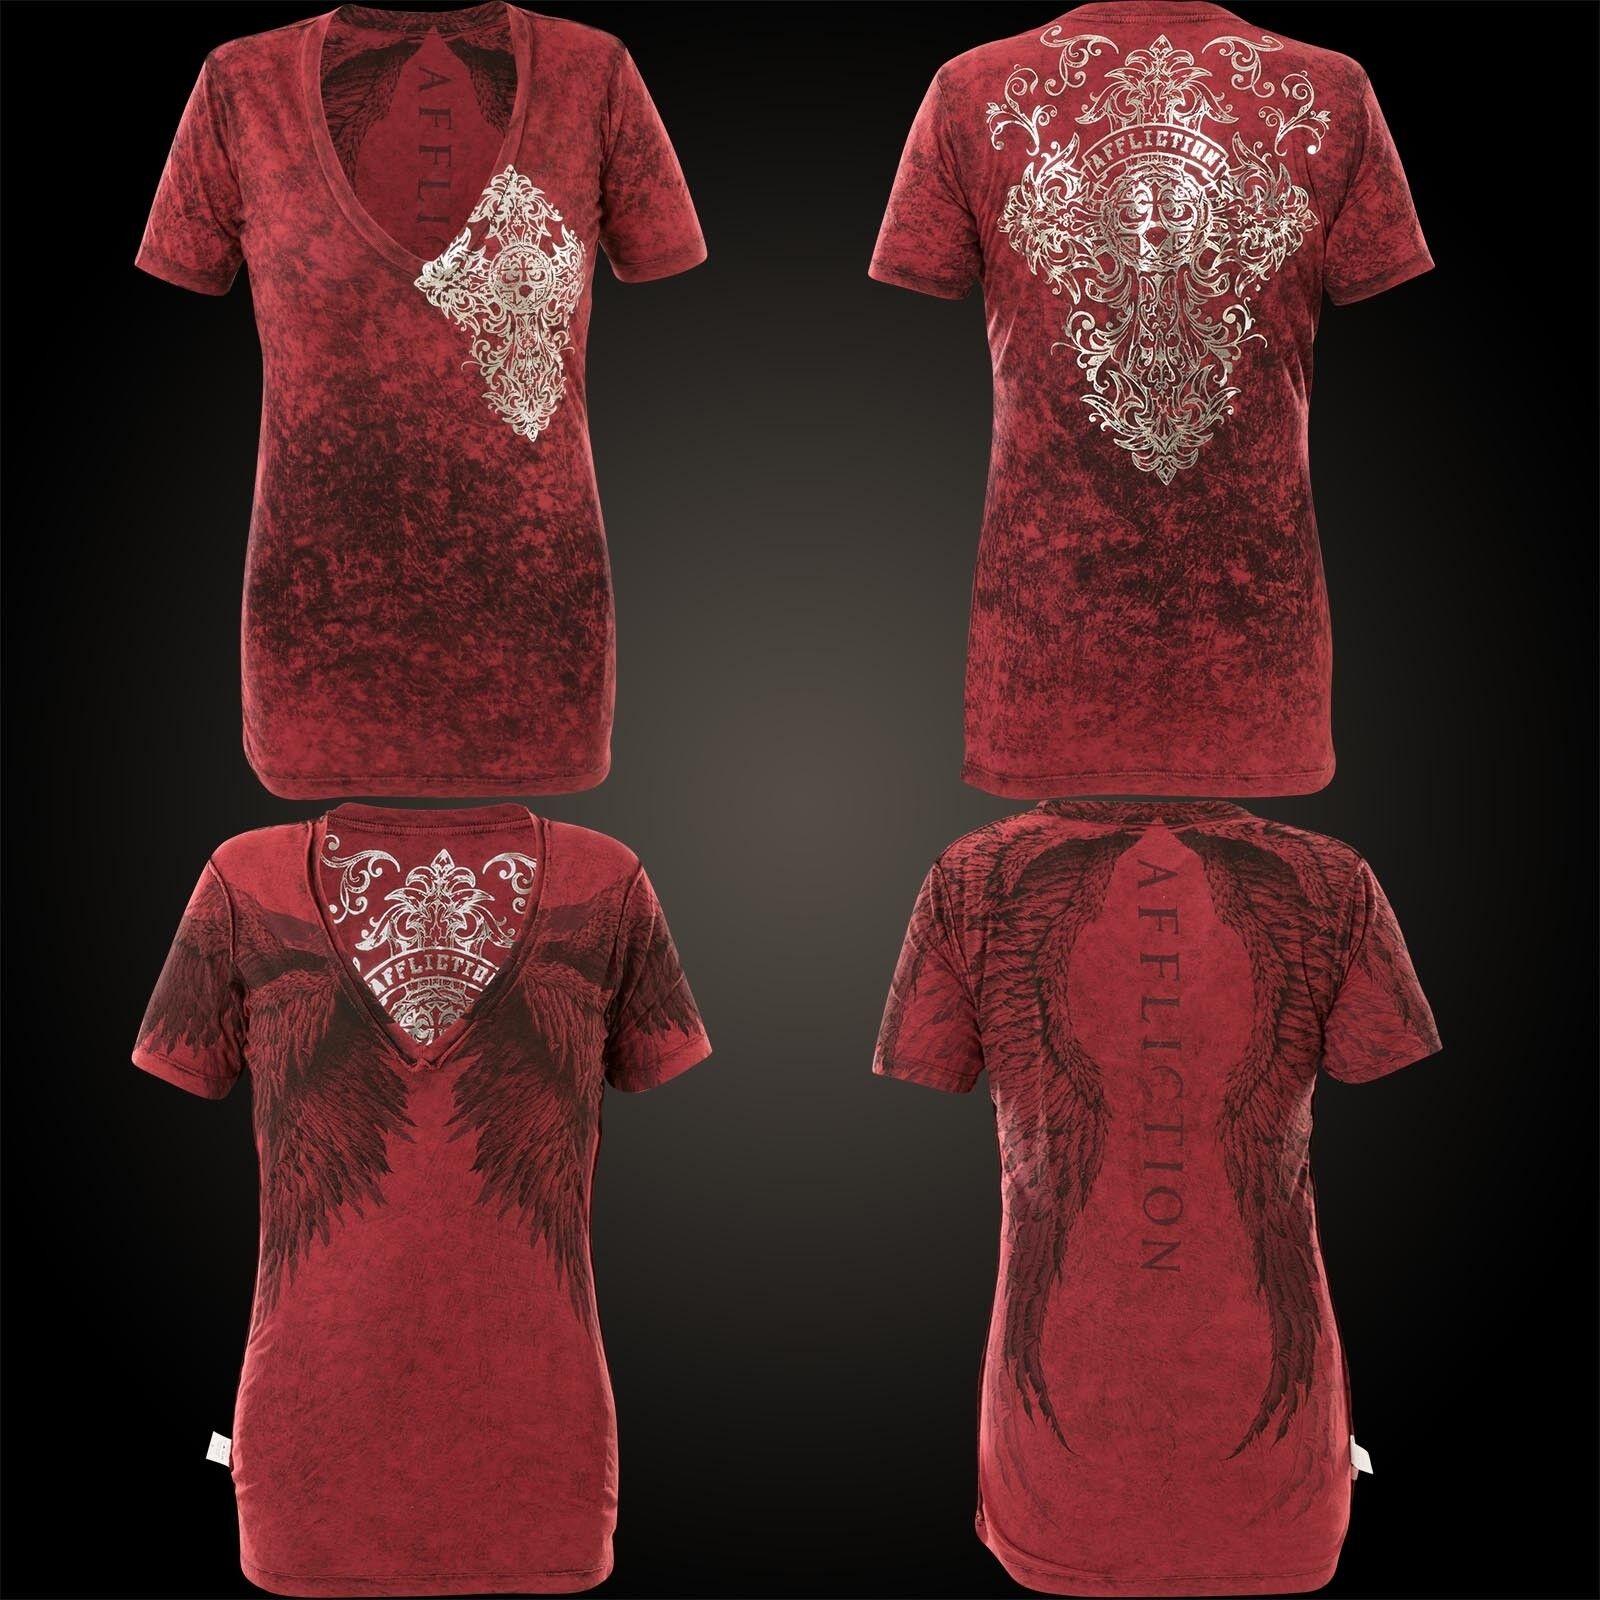 Affliction Damen T-shirt de métaux précieux Rev. rot